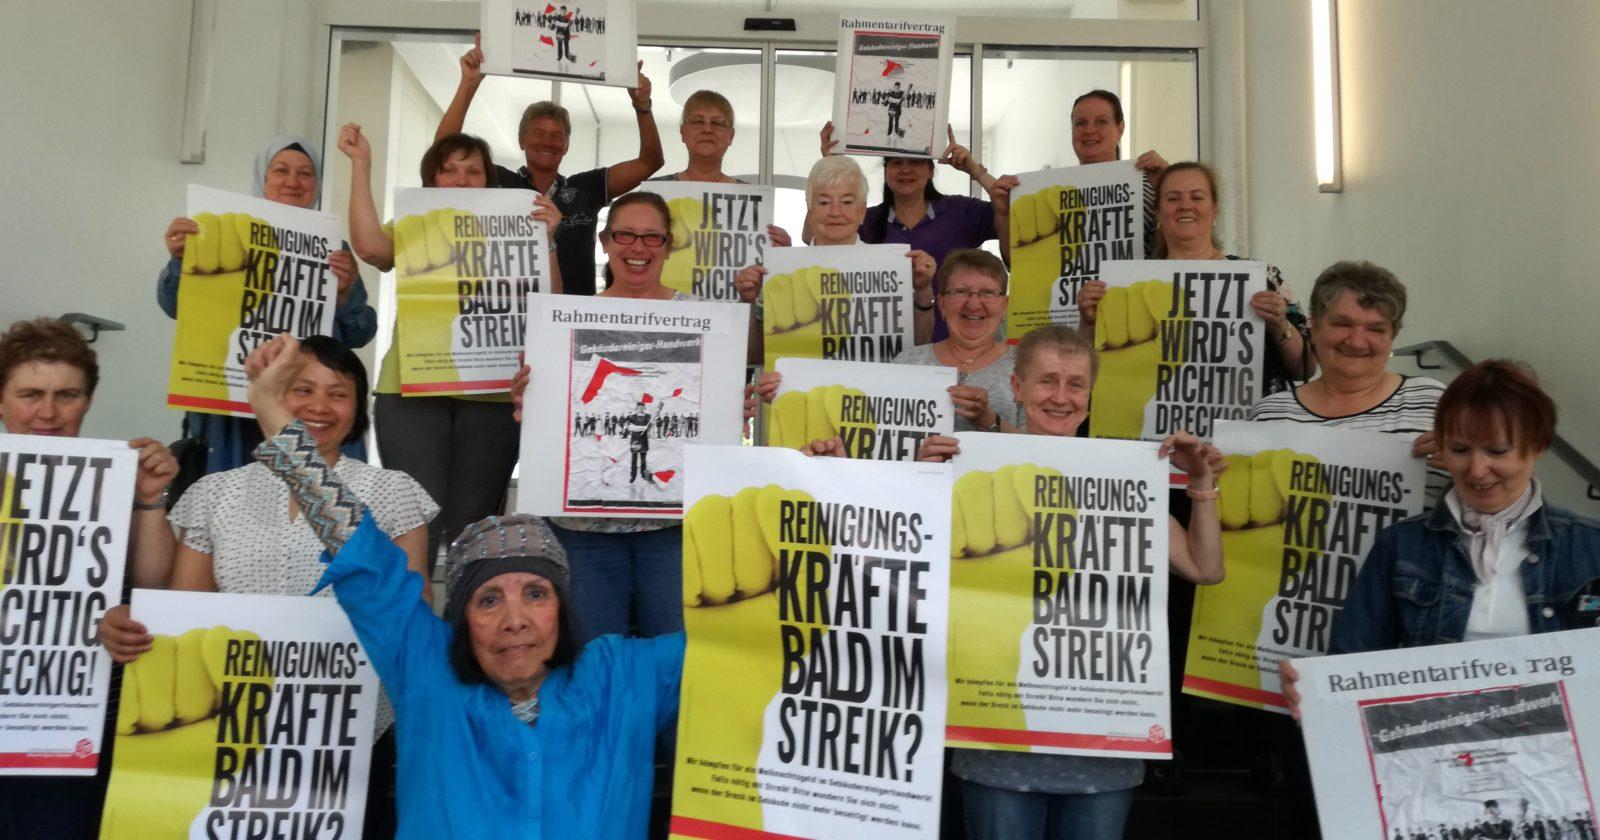 """""""Sie wollen wohl, dass wir streiken!"""" Reinigungskräfte aus dem Ruhrgebiet wütend auf Arbeitgeber"""